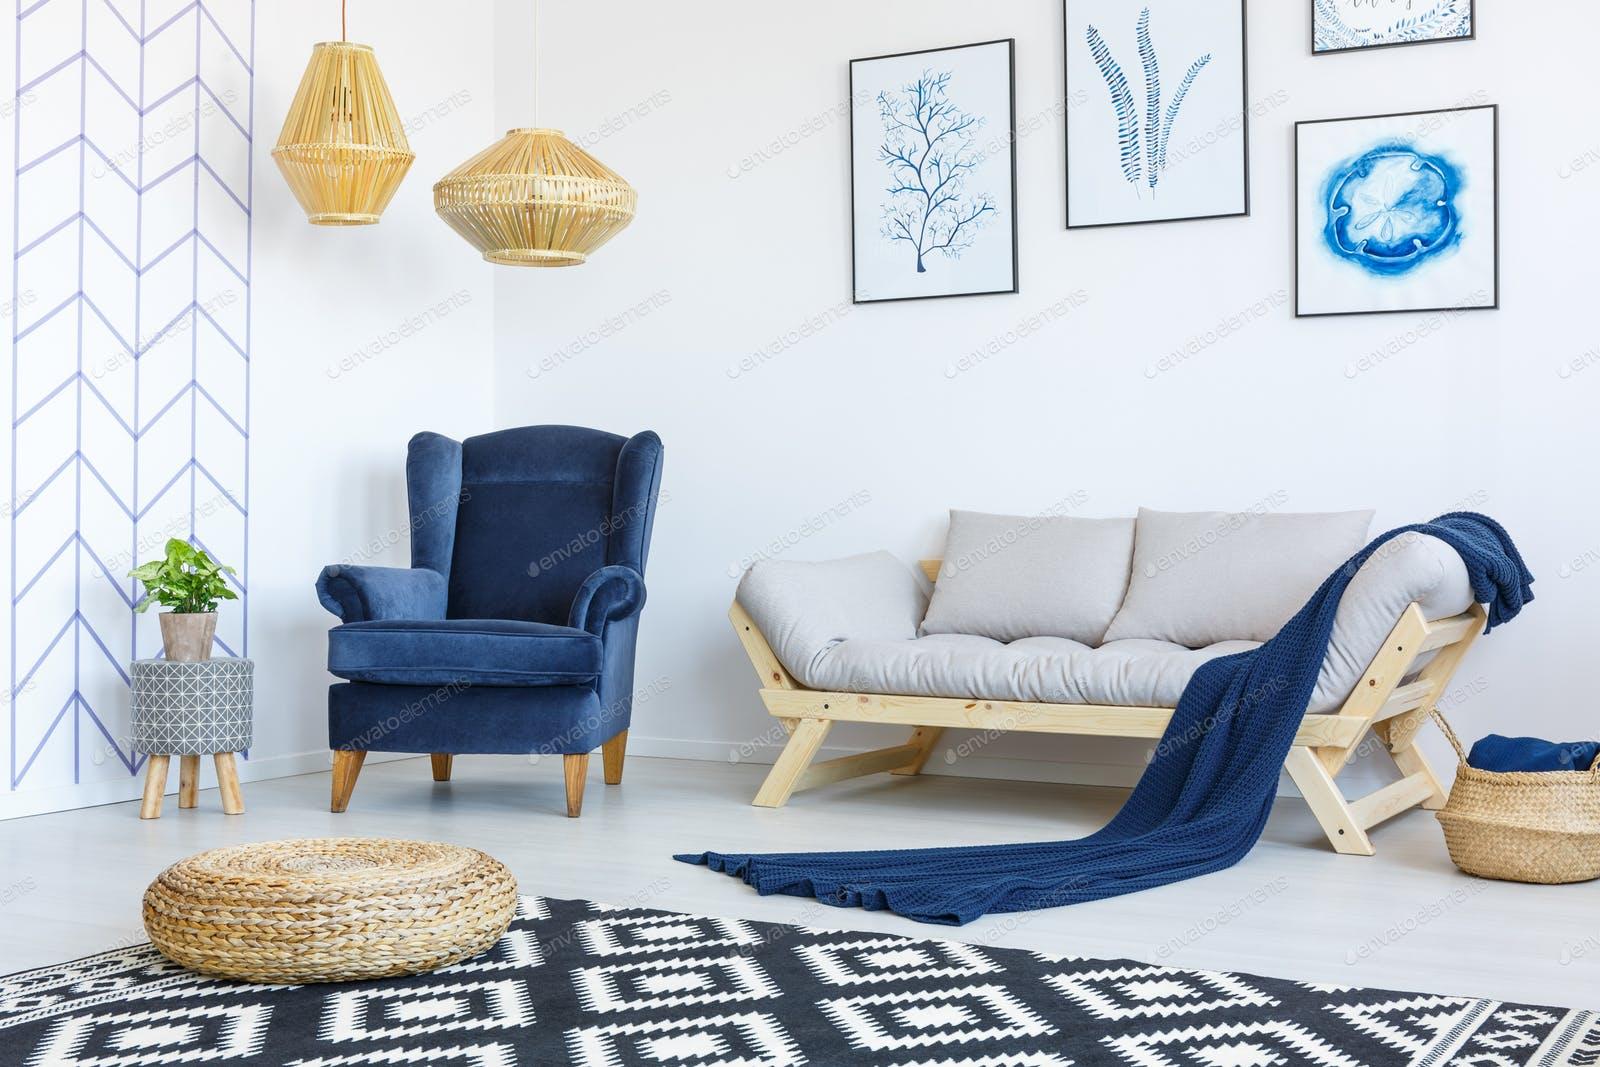 اتاق پذیرایی شیک و دوست داشتنی در خانه های امروزی